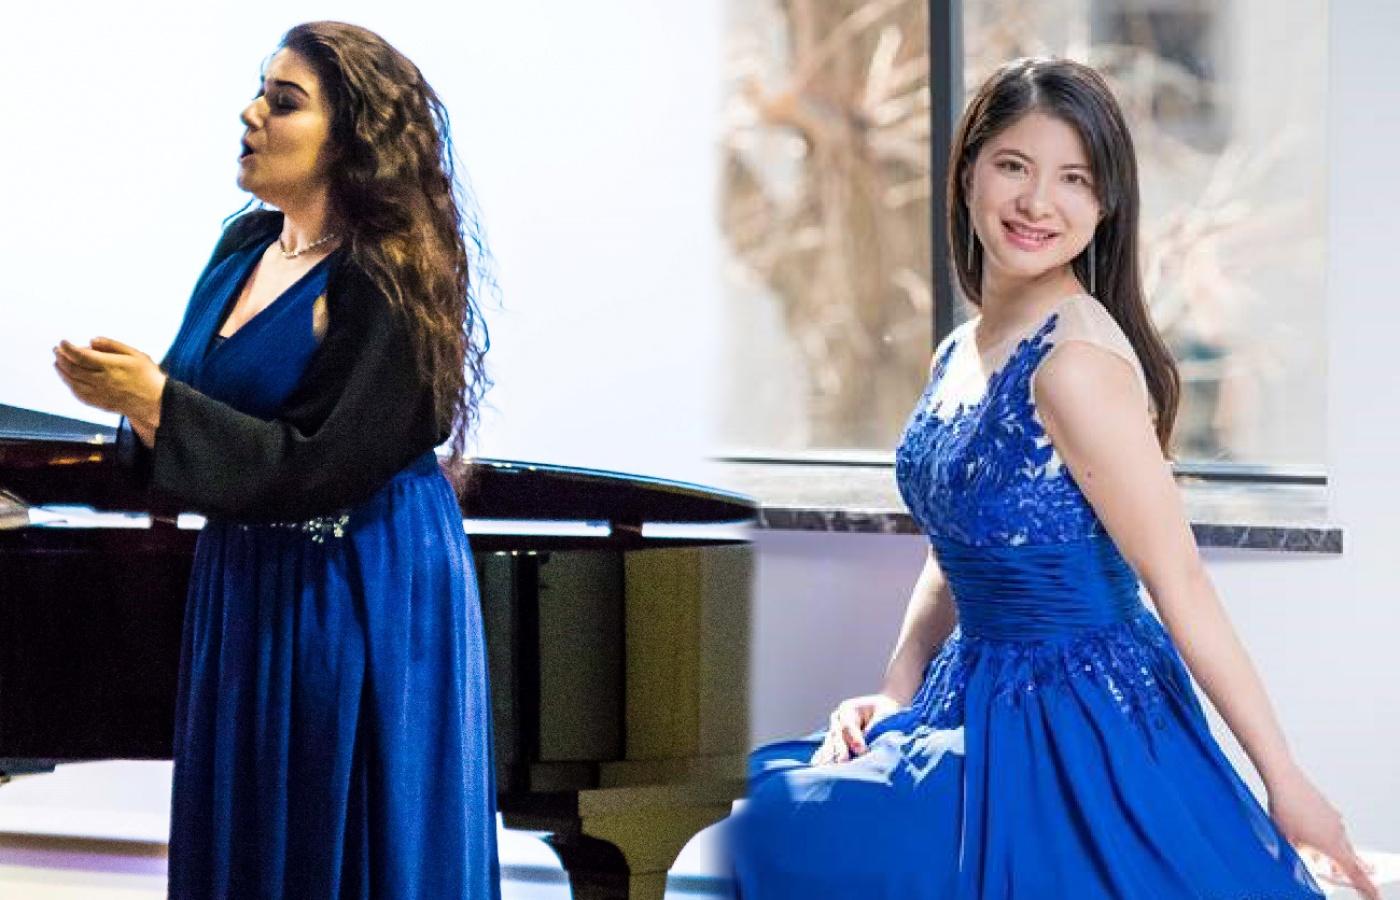 concerti bologna 2021 - lirica naoko tanigaki ester ferraro